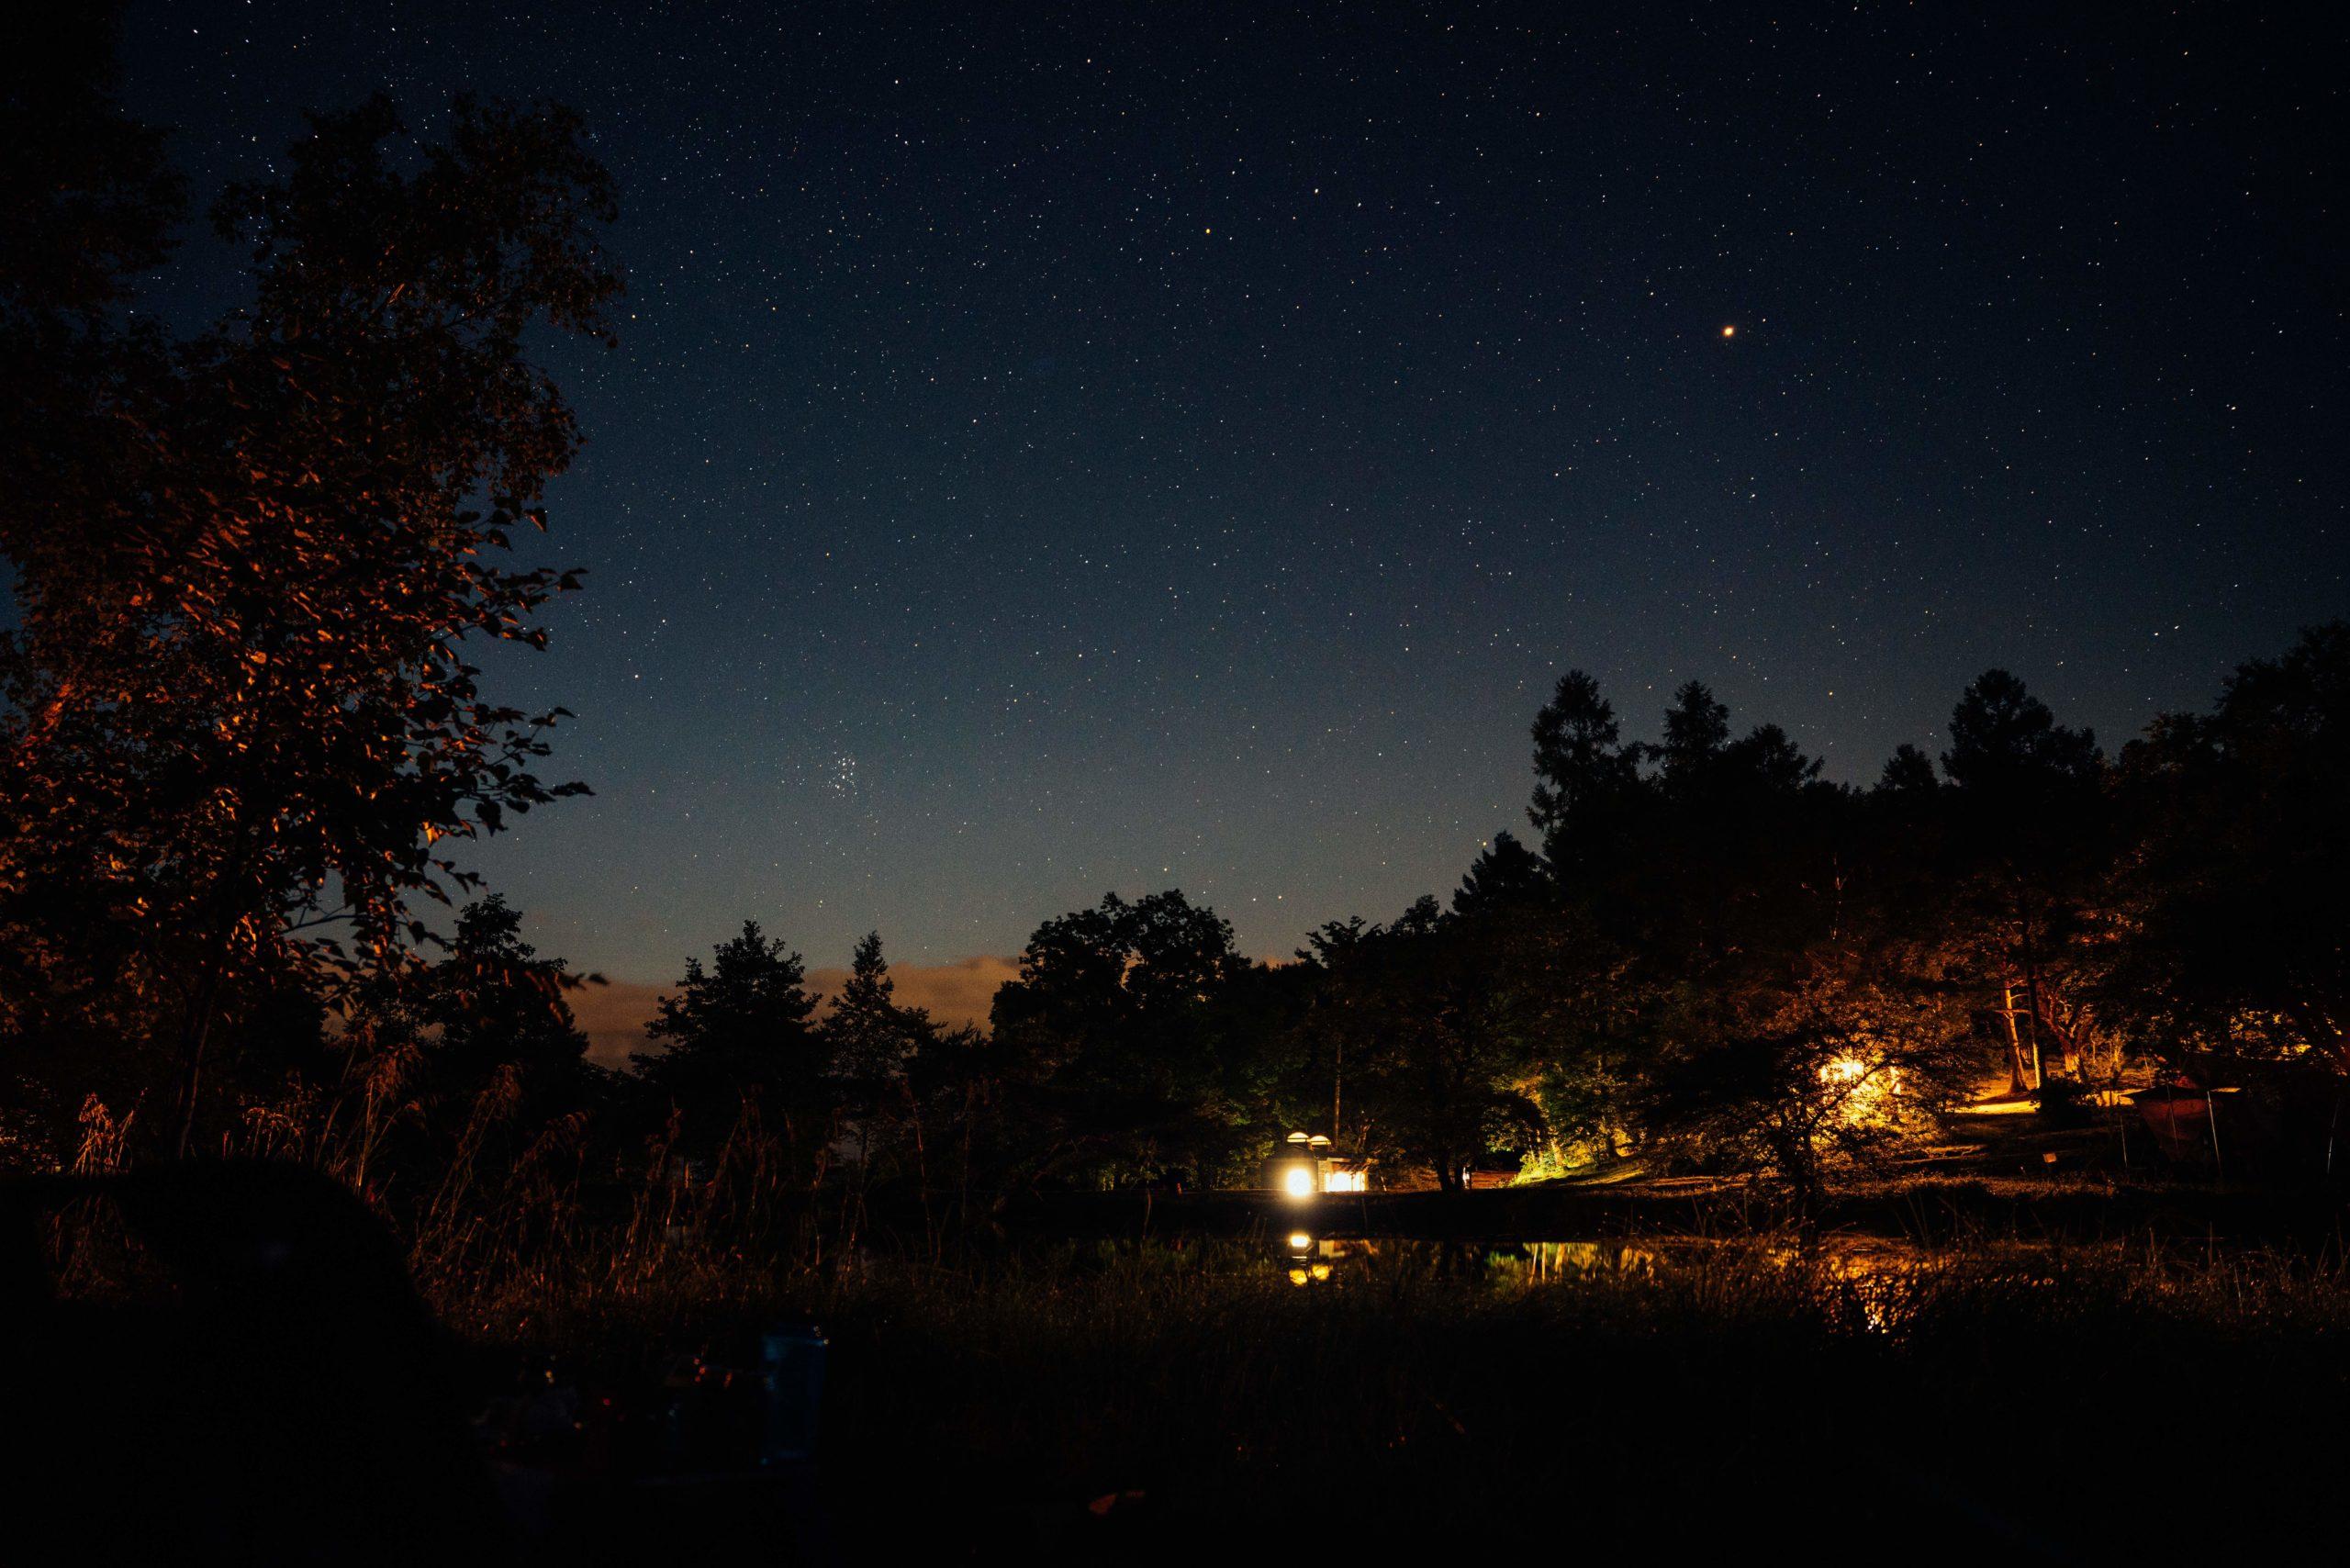 駒出池キャンプ場で念願の初キャンプ!|絶景の星空